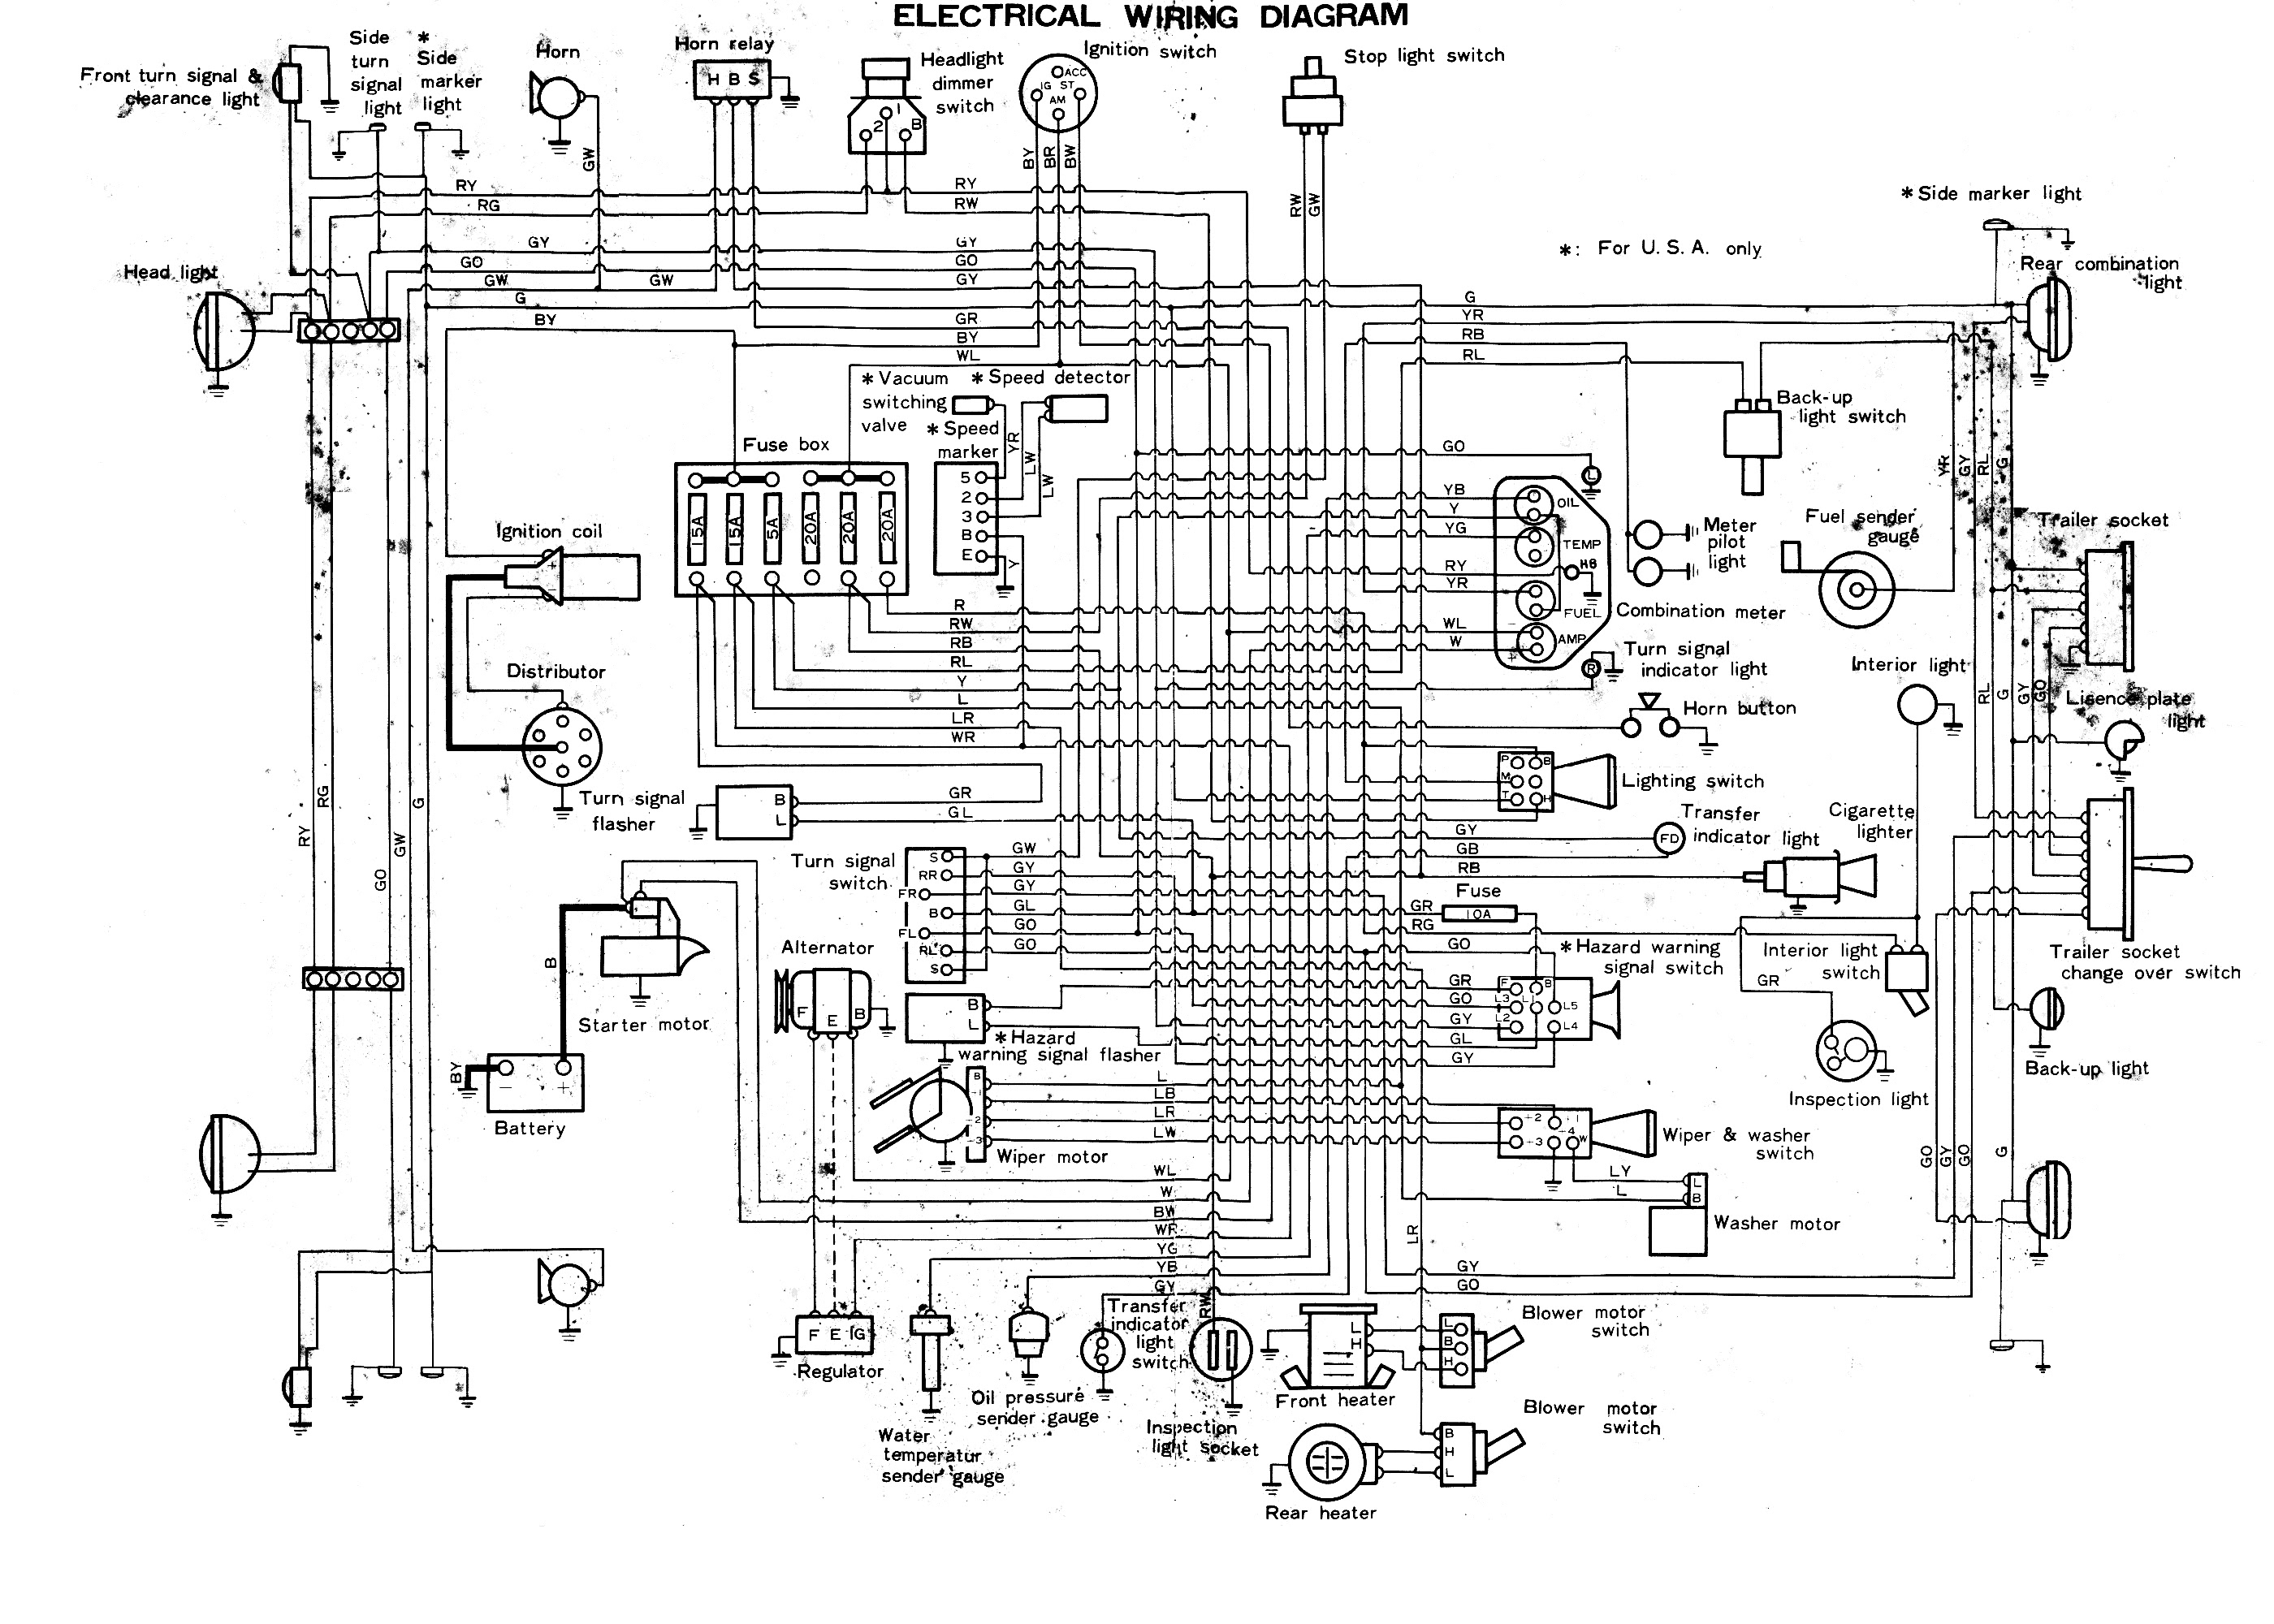 Land Cruiser Sel Wiring Diagram 1971 Mach 1 Engine Wiring Harness Bege Wiring Diagram